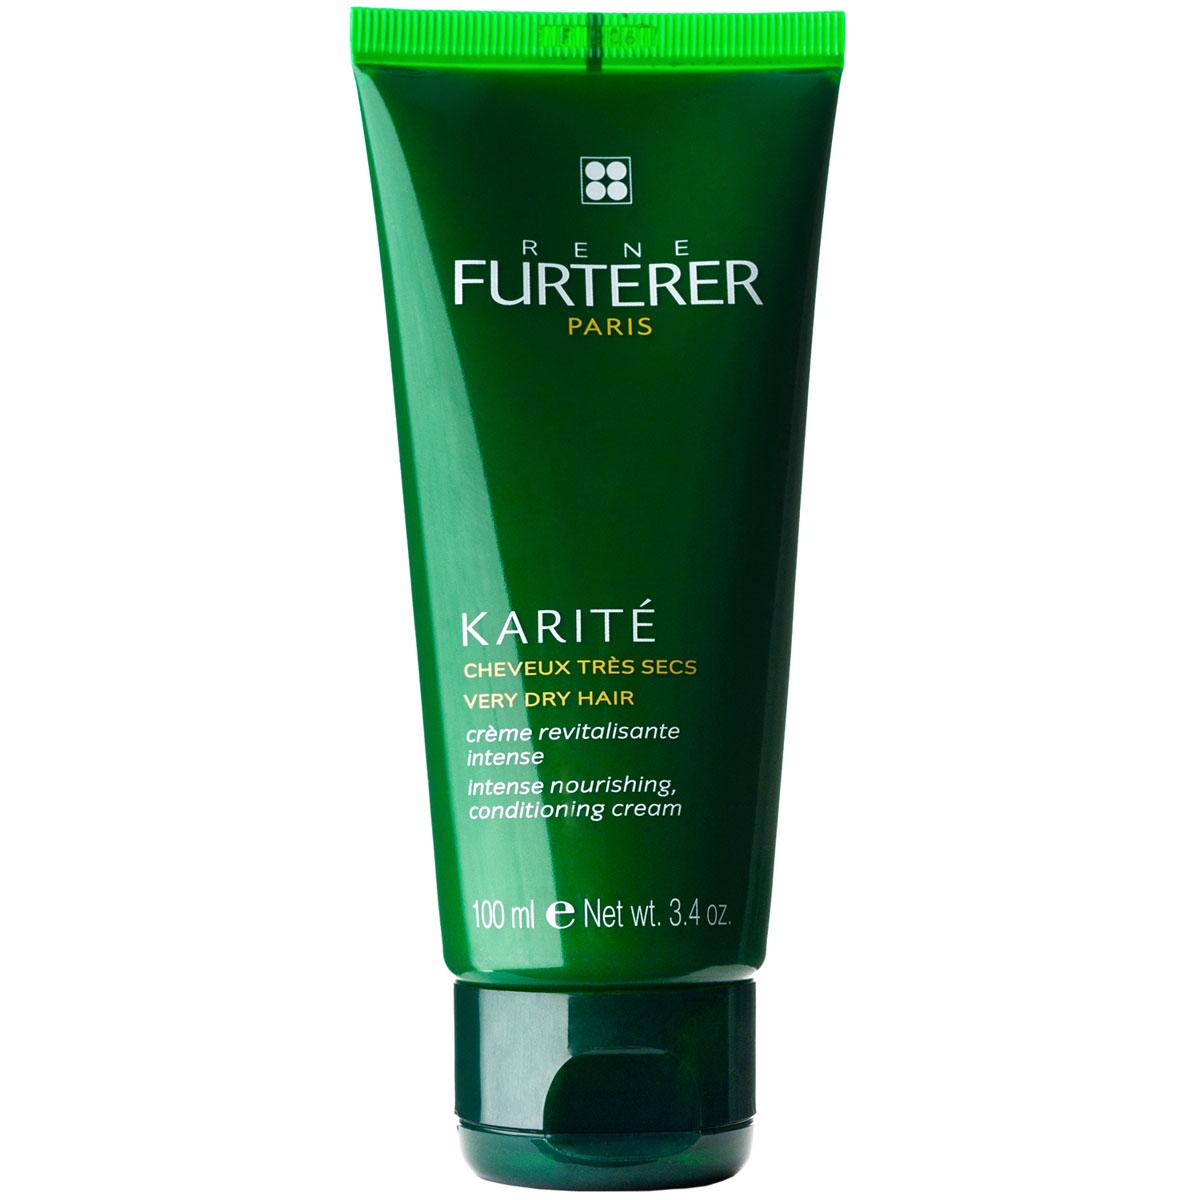 Rene Furterer Шампунь Karite для волос, питательный, 150 мл rene furterer масло karite для интенсивного питания волос 100 мл